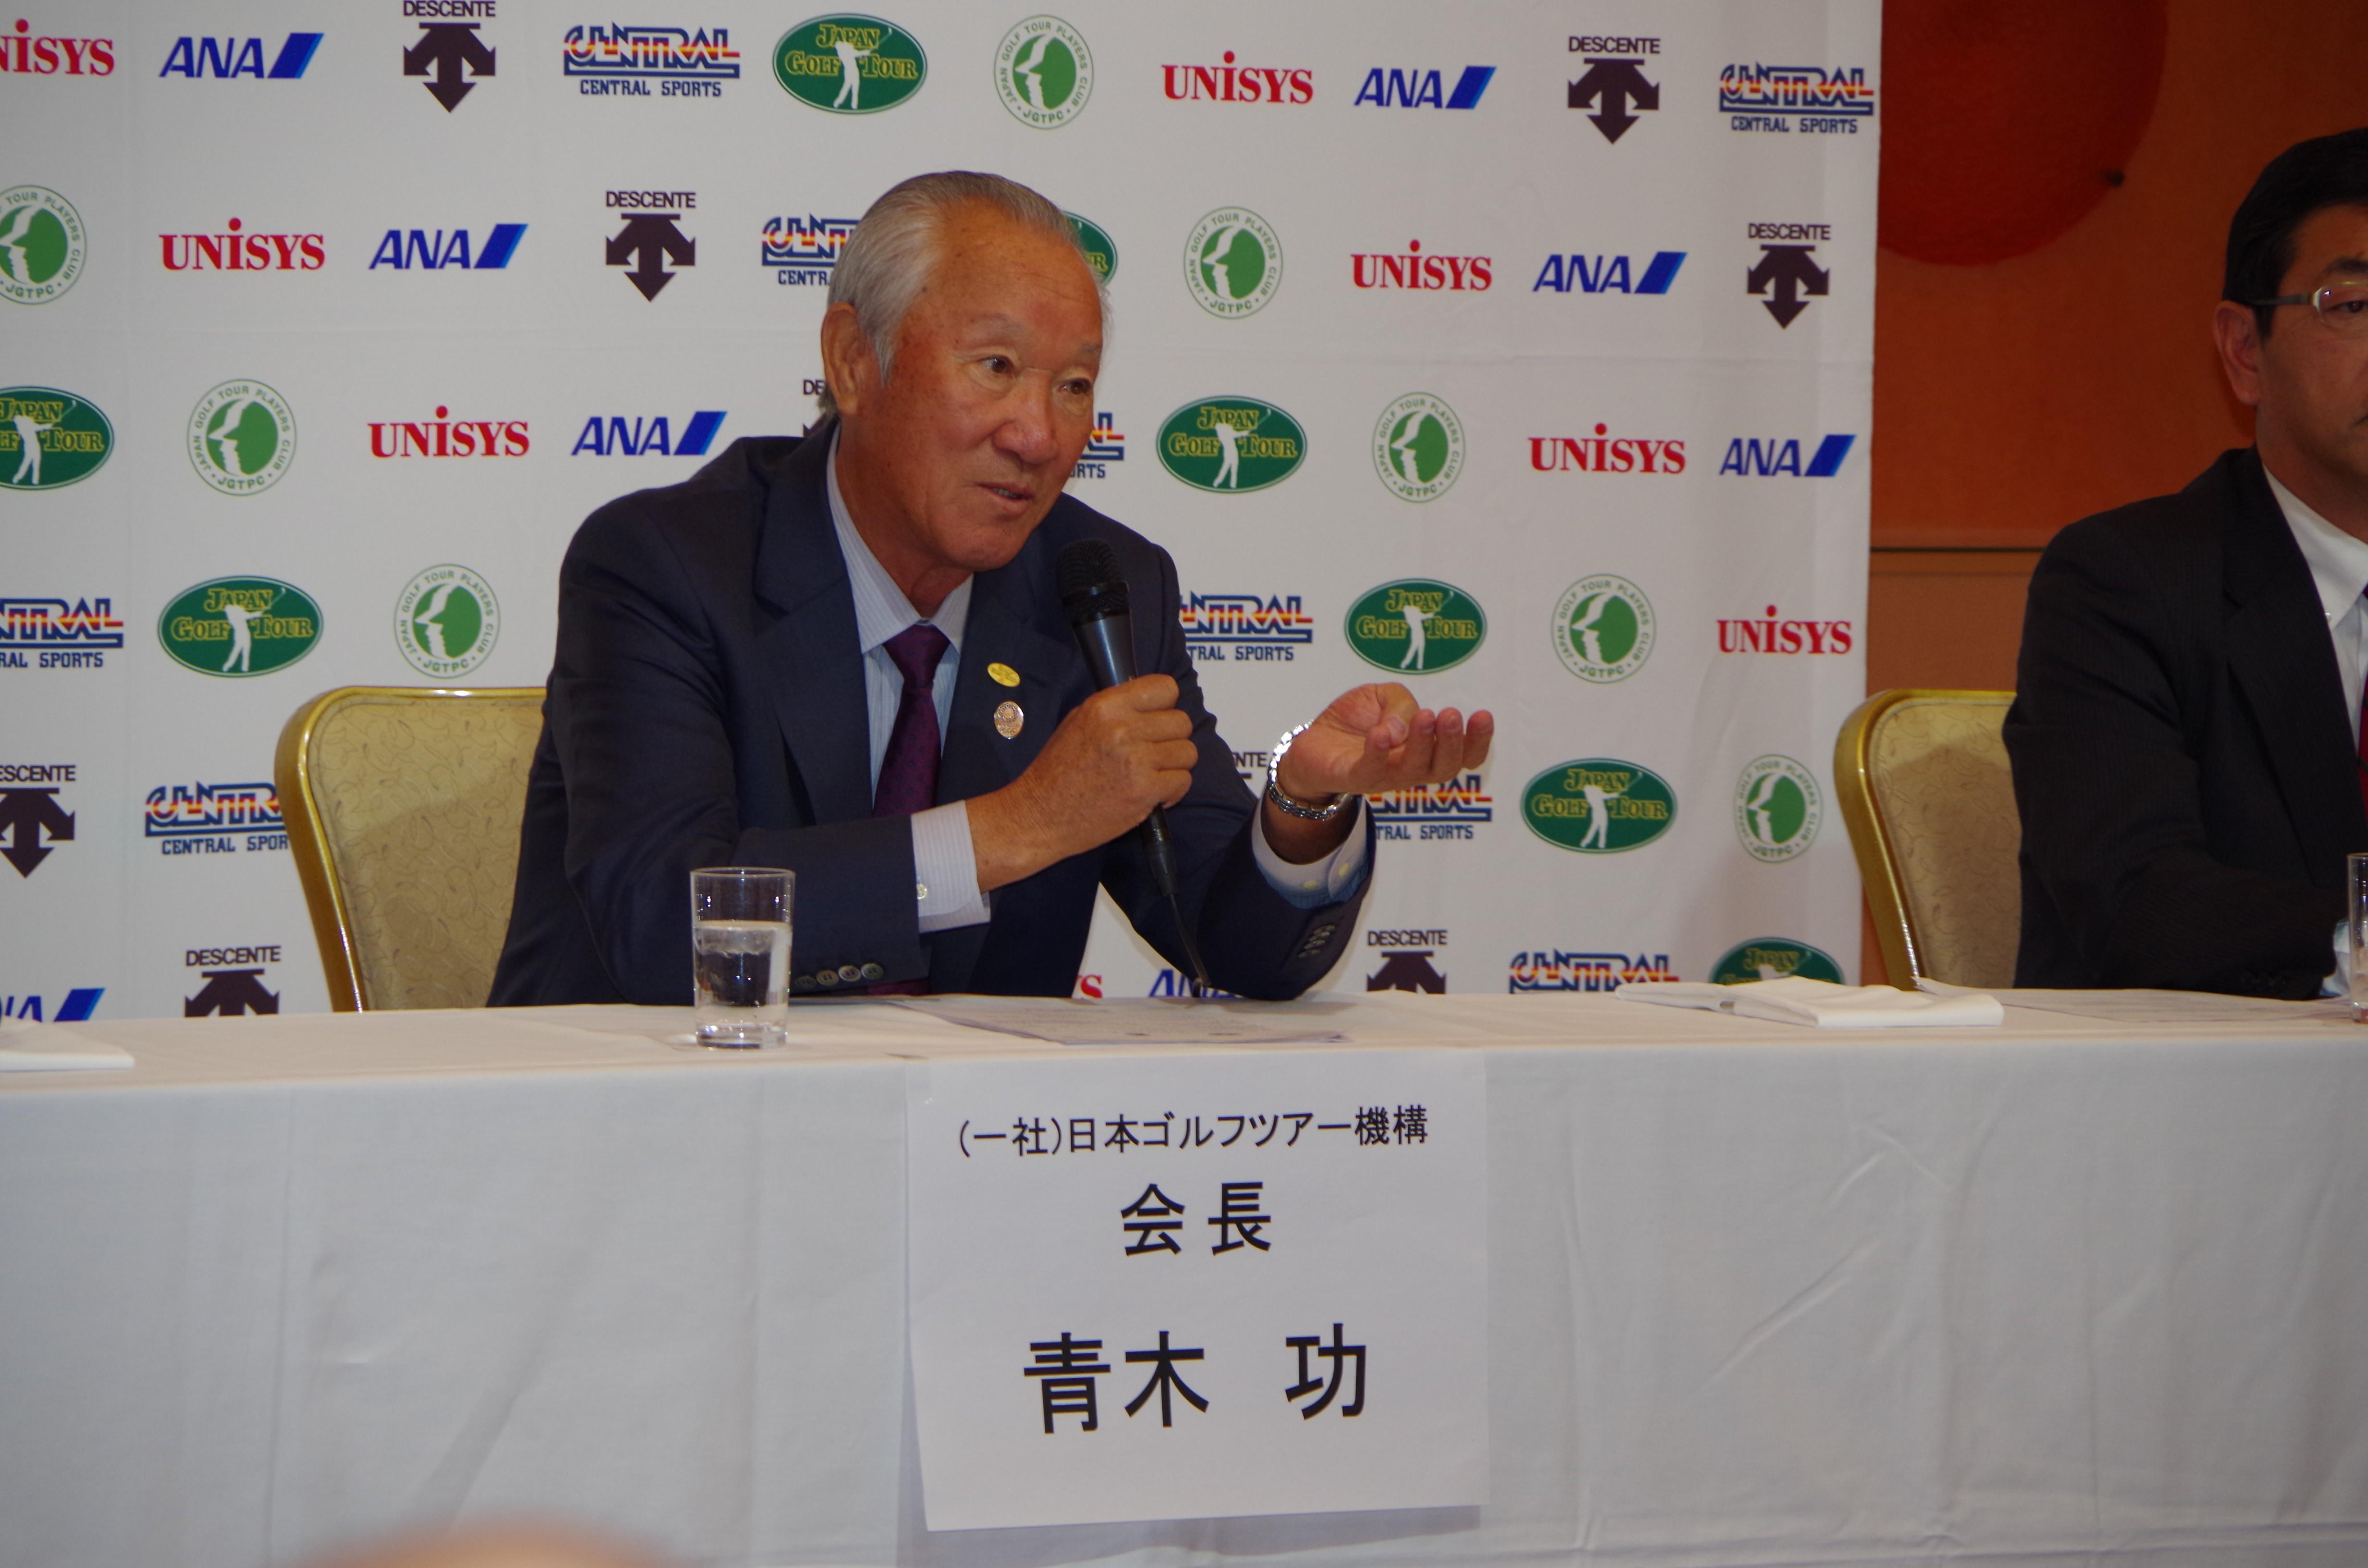 3期目となる青木功JGTO会長は、この提携話を日本男子ツアー活性化につなげられるか?